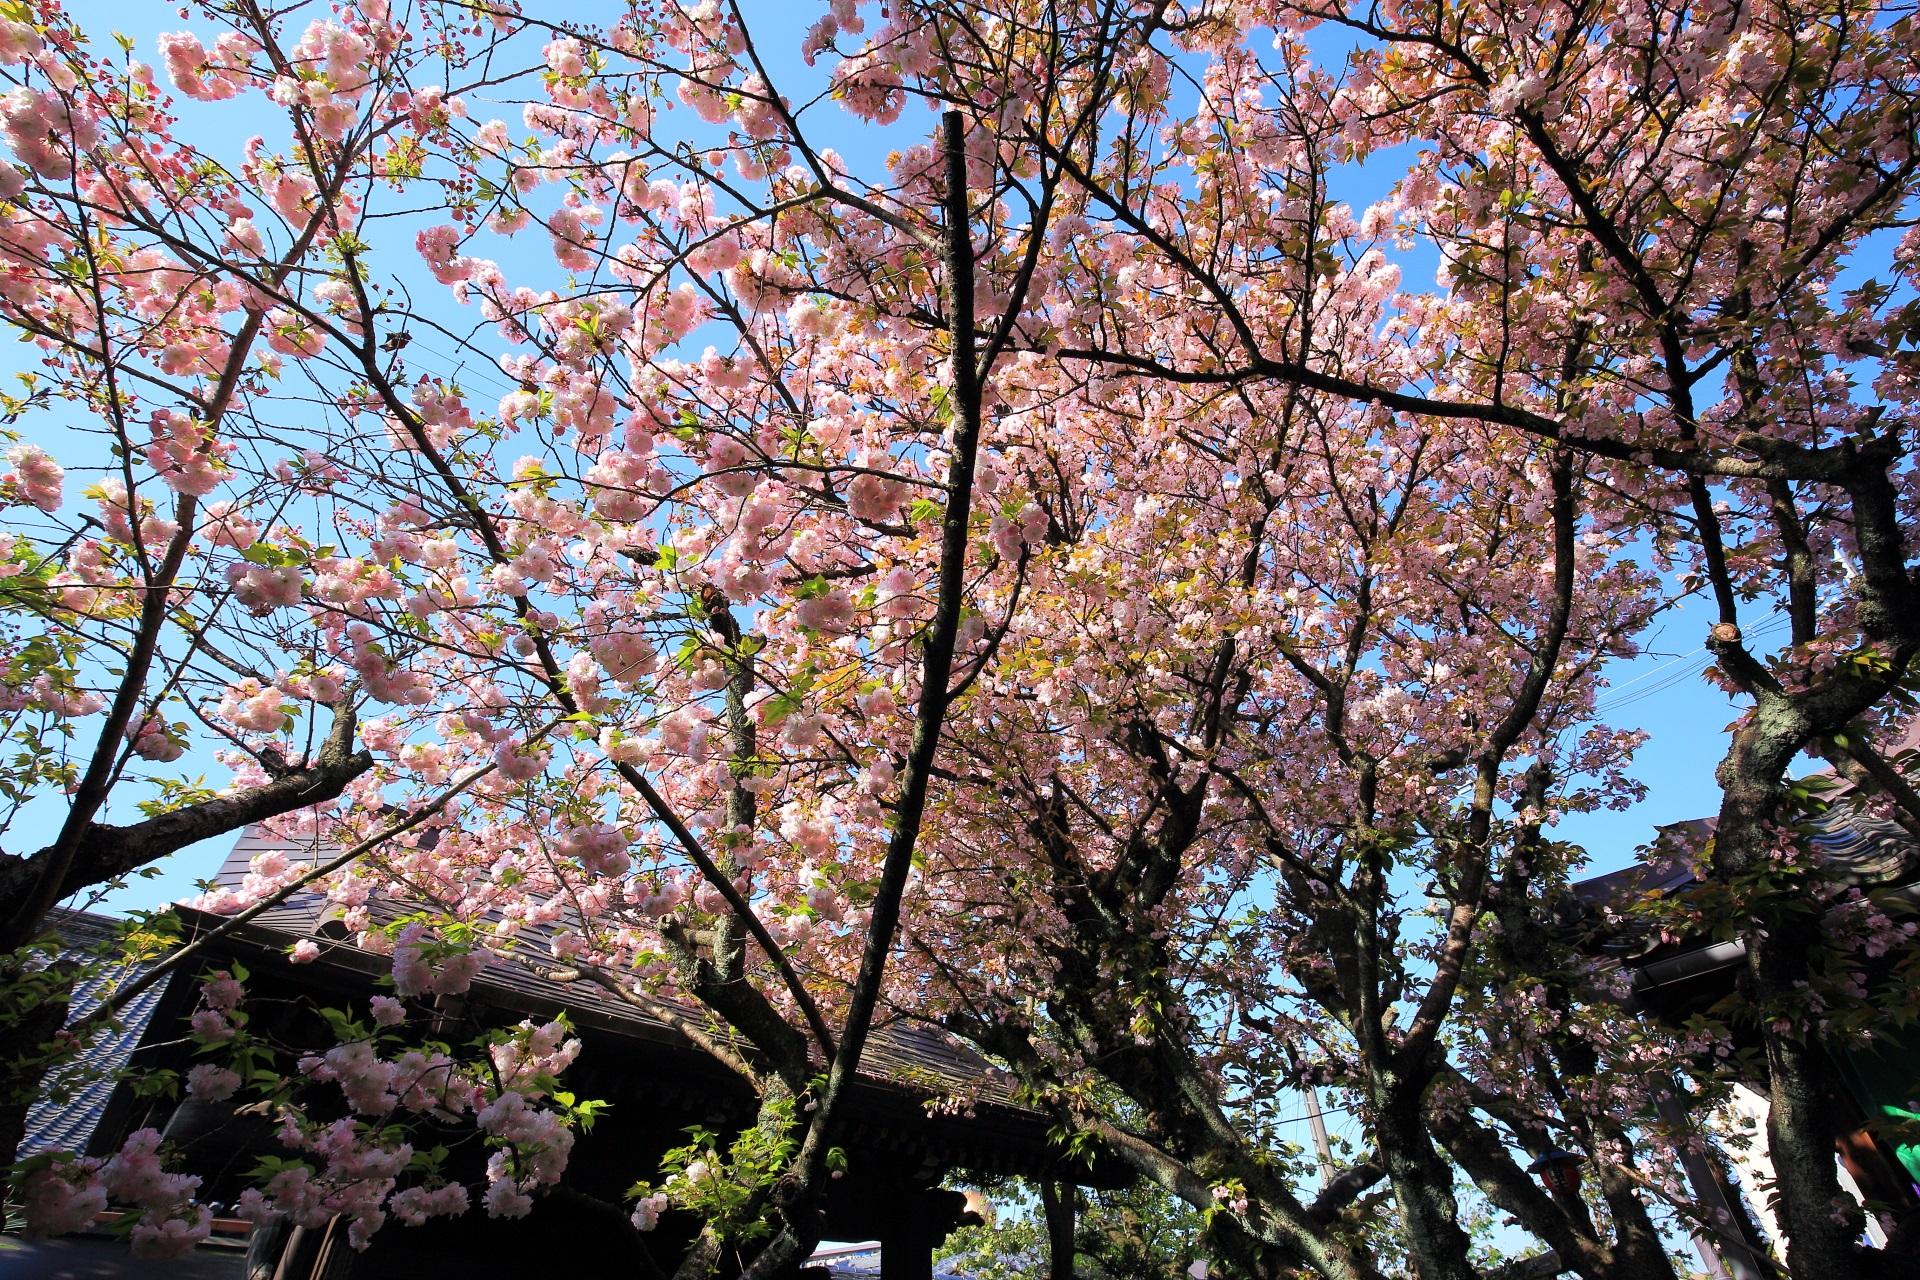 桜の種類が多いため長い期間桜が楽しめる雨宝院(うほういん)